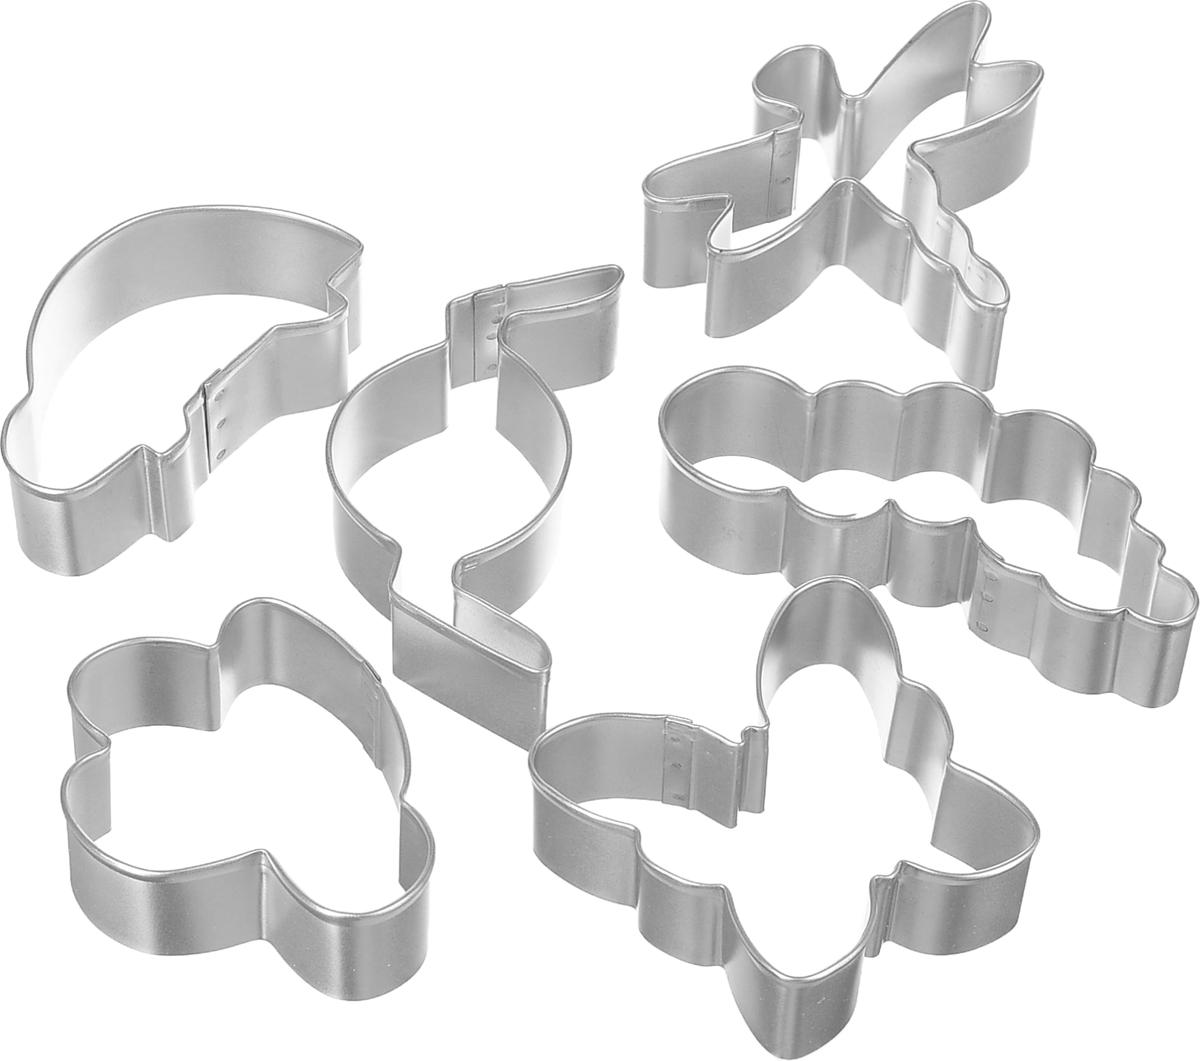 Формы для вырезания печенья Wilton Жучки и бабочки, 6 штWLT-2308-1245Удобные формочки для вырезания печенья, украшений, создания веселых бутербродов и многого другого. Можно использовать как трафареты для поделок и с непищевыми материалами (бумагой и др.).Размер форм: 7 х 7 х 2.5 см, 7 х 8 х 2.5 см, 7 х 6 х 2.5 см, 9.5 х 3 х 2.5 см, 8 х 4 х 2.5 см, 9 х 6 х 2.5 см.Возрастная категория: 3+.